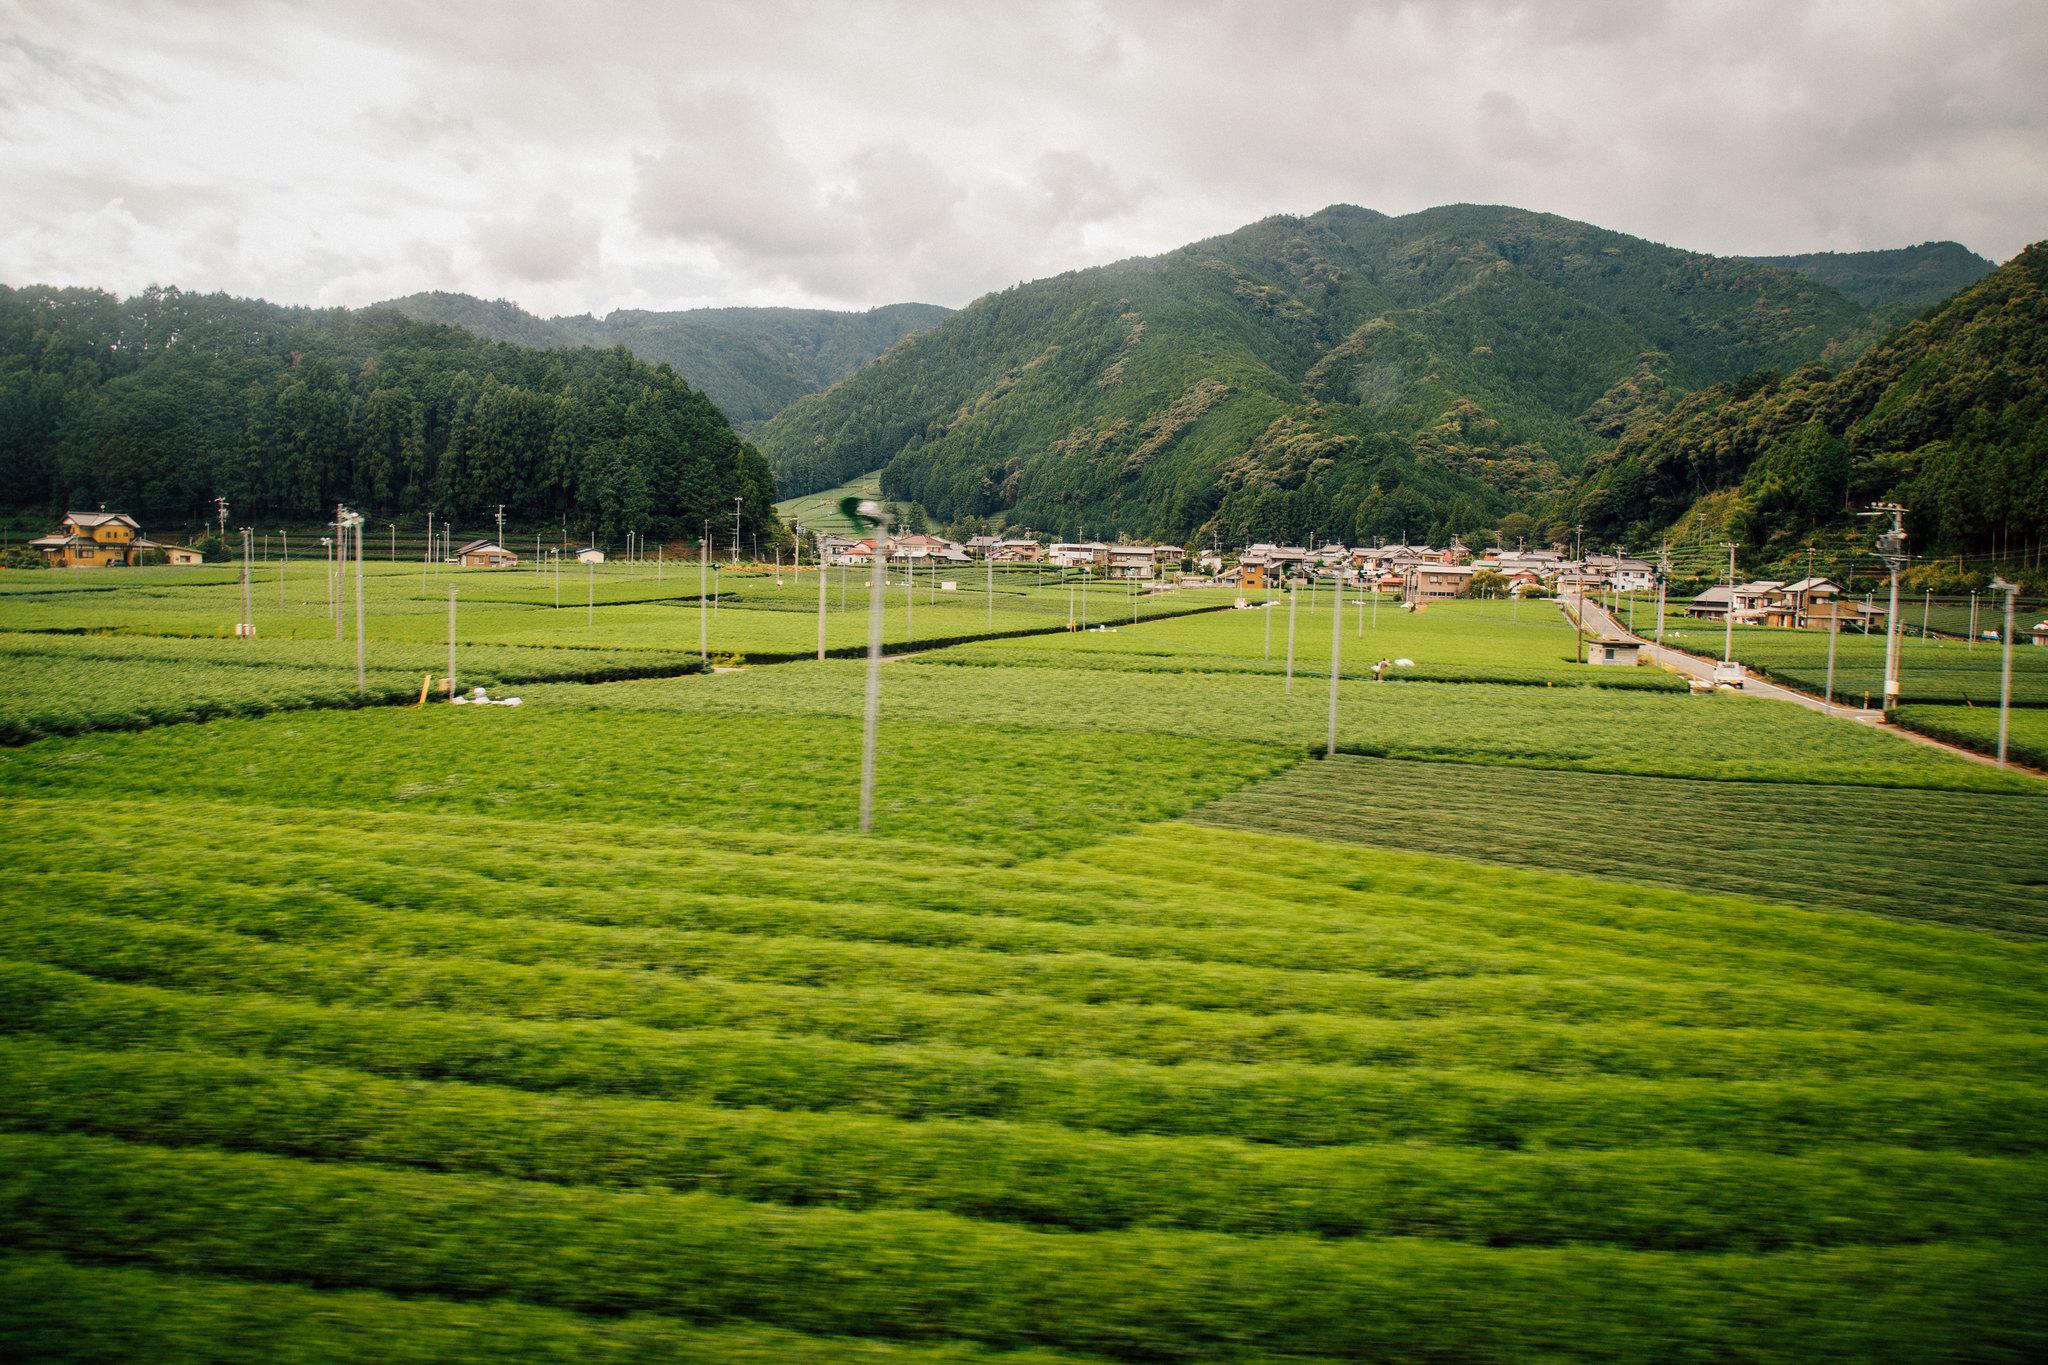 2014-09-26 大井川鉄道 024